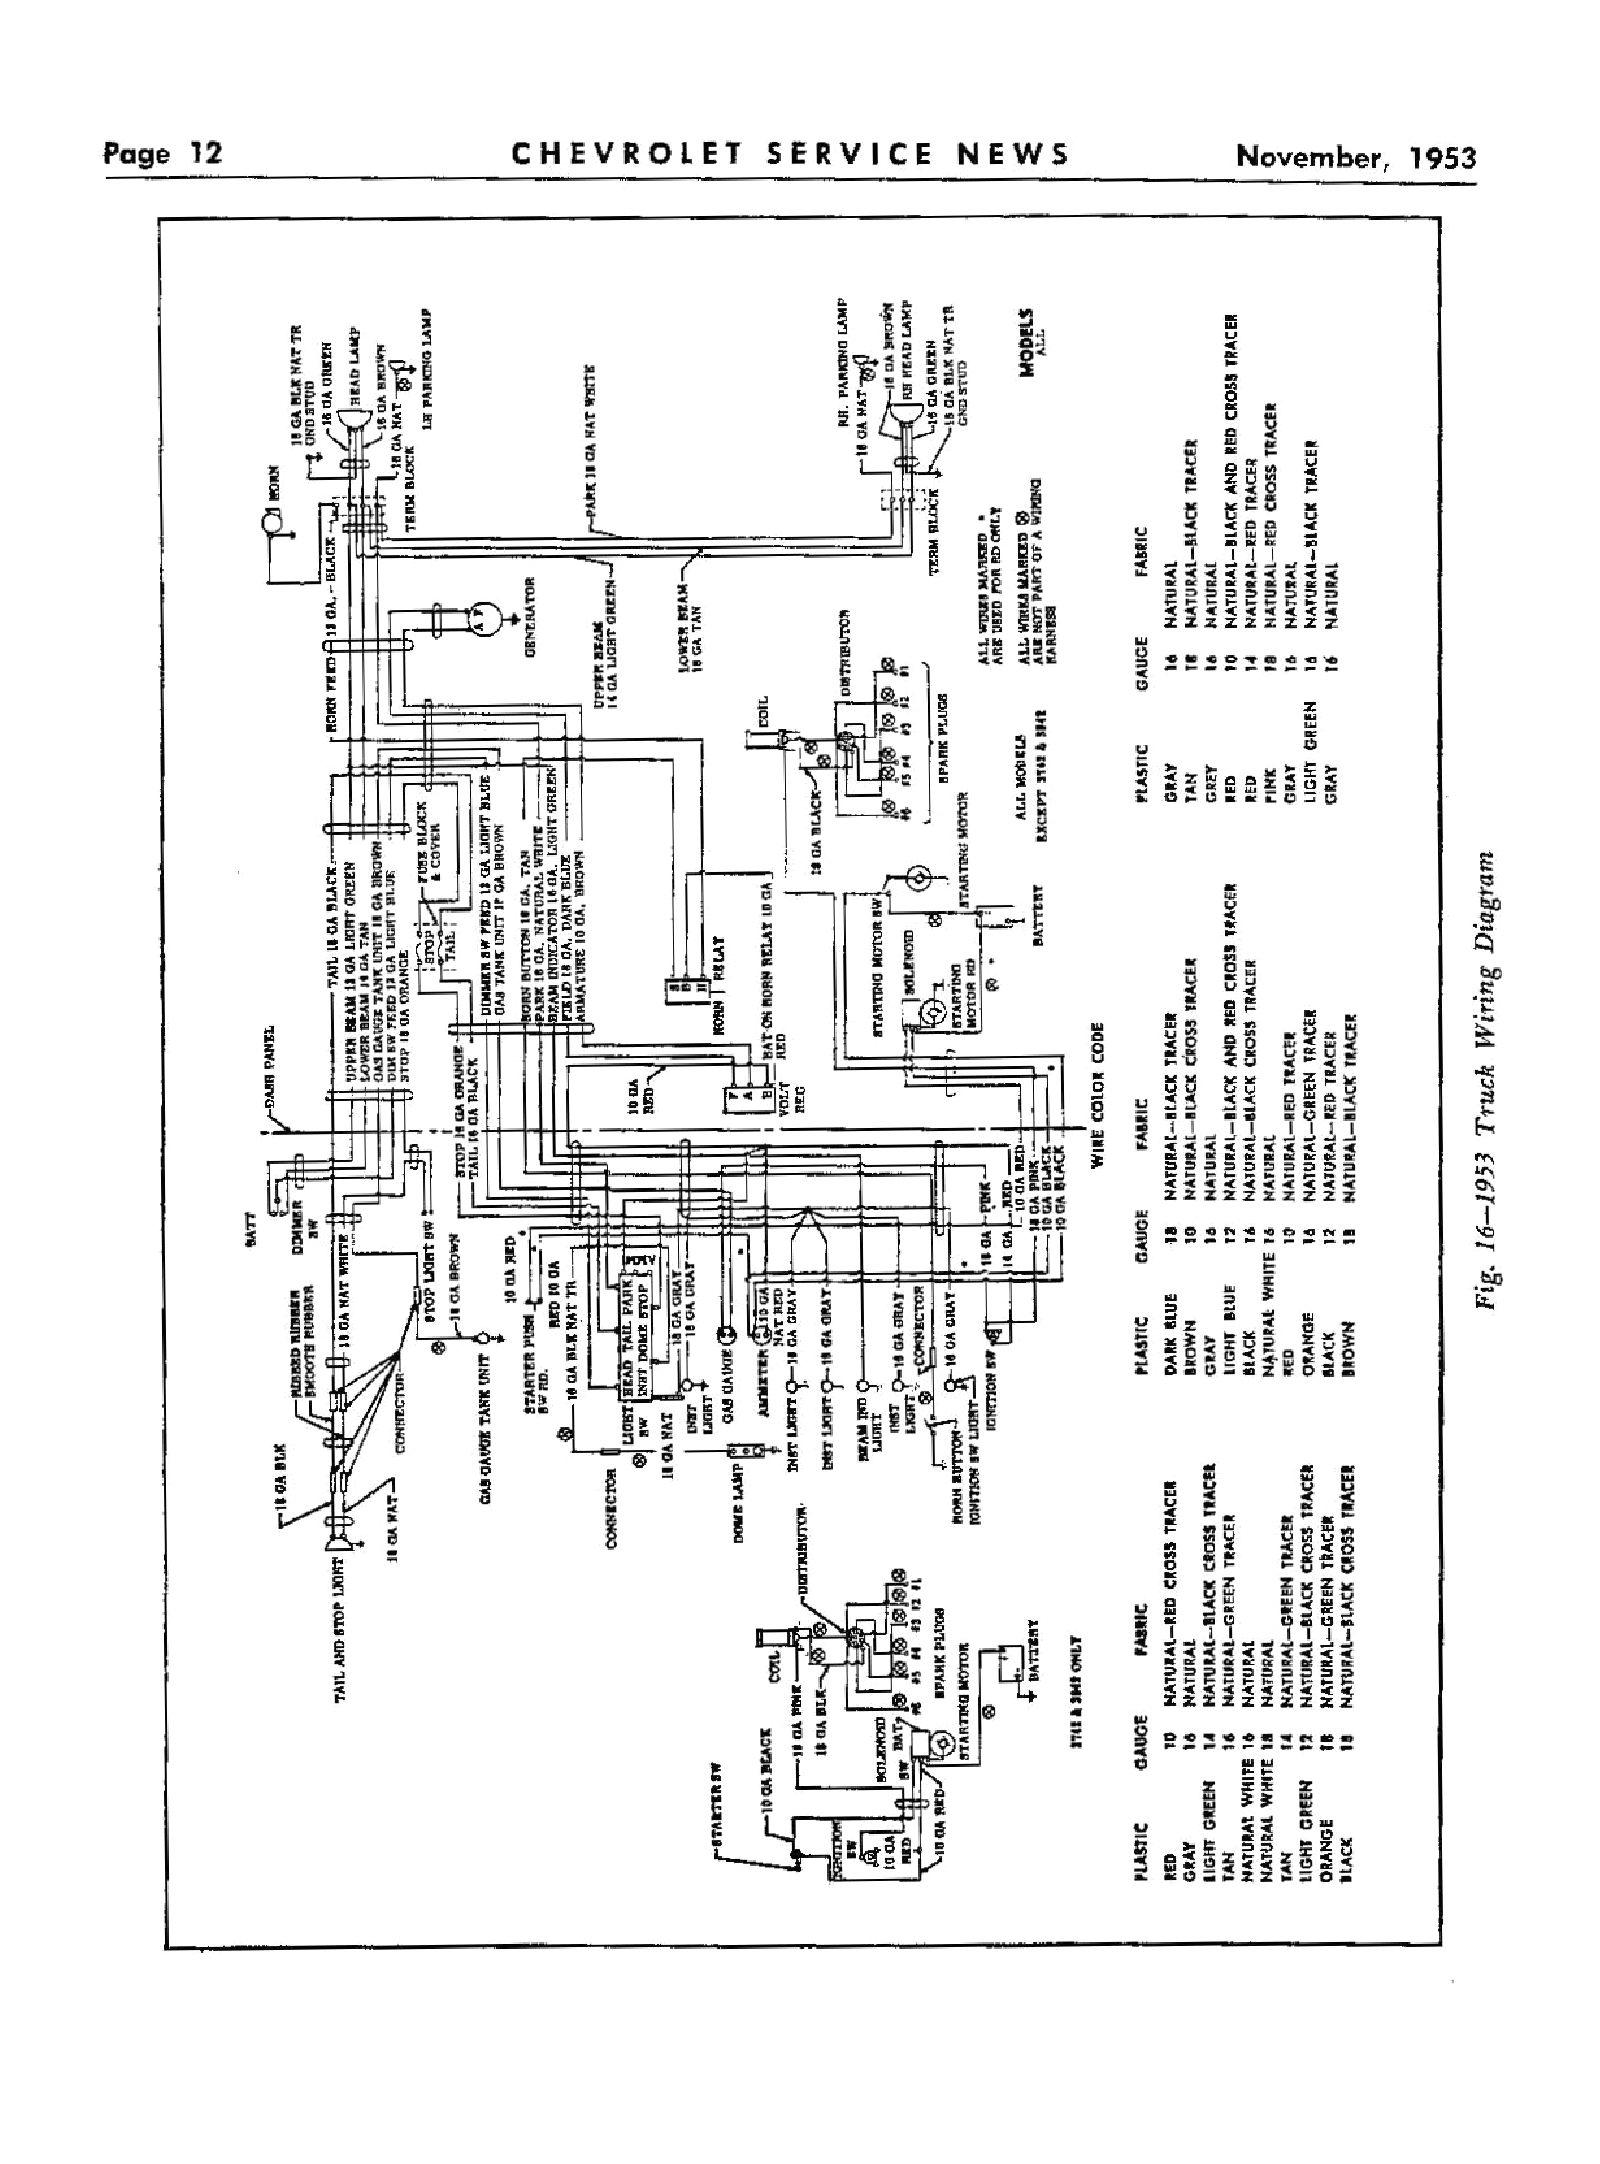 Astounding 1975 Chevy K10 Wiring Diagrams Basic Electronics Wiring Diagram Wiring Cloud Hisonepsysticxongrecoveryedborg